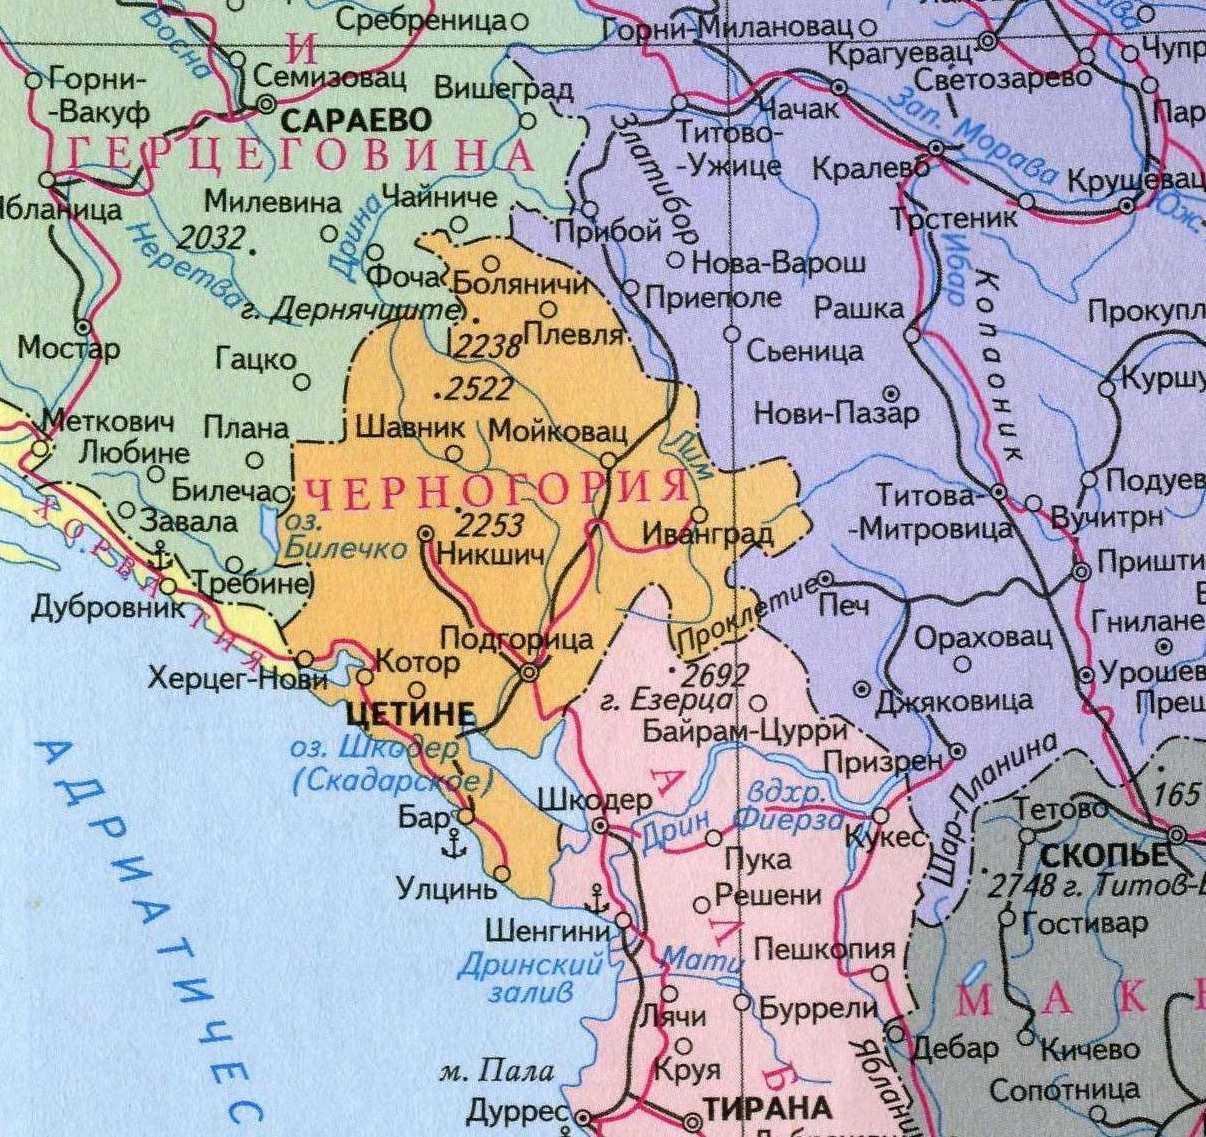 karta chernogorii - Местоположение и карта Черногории